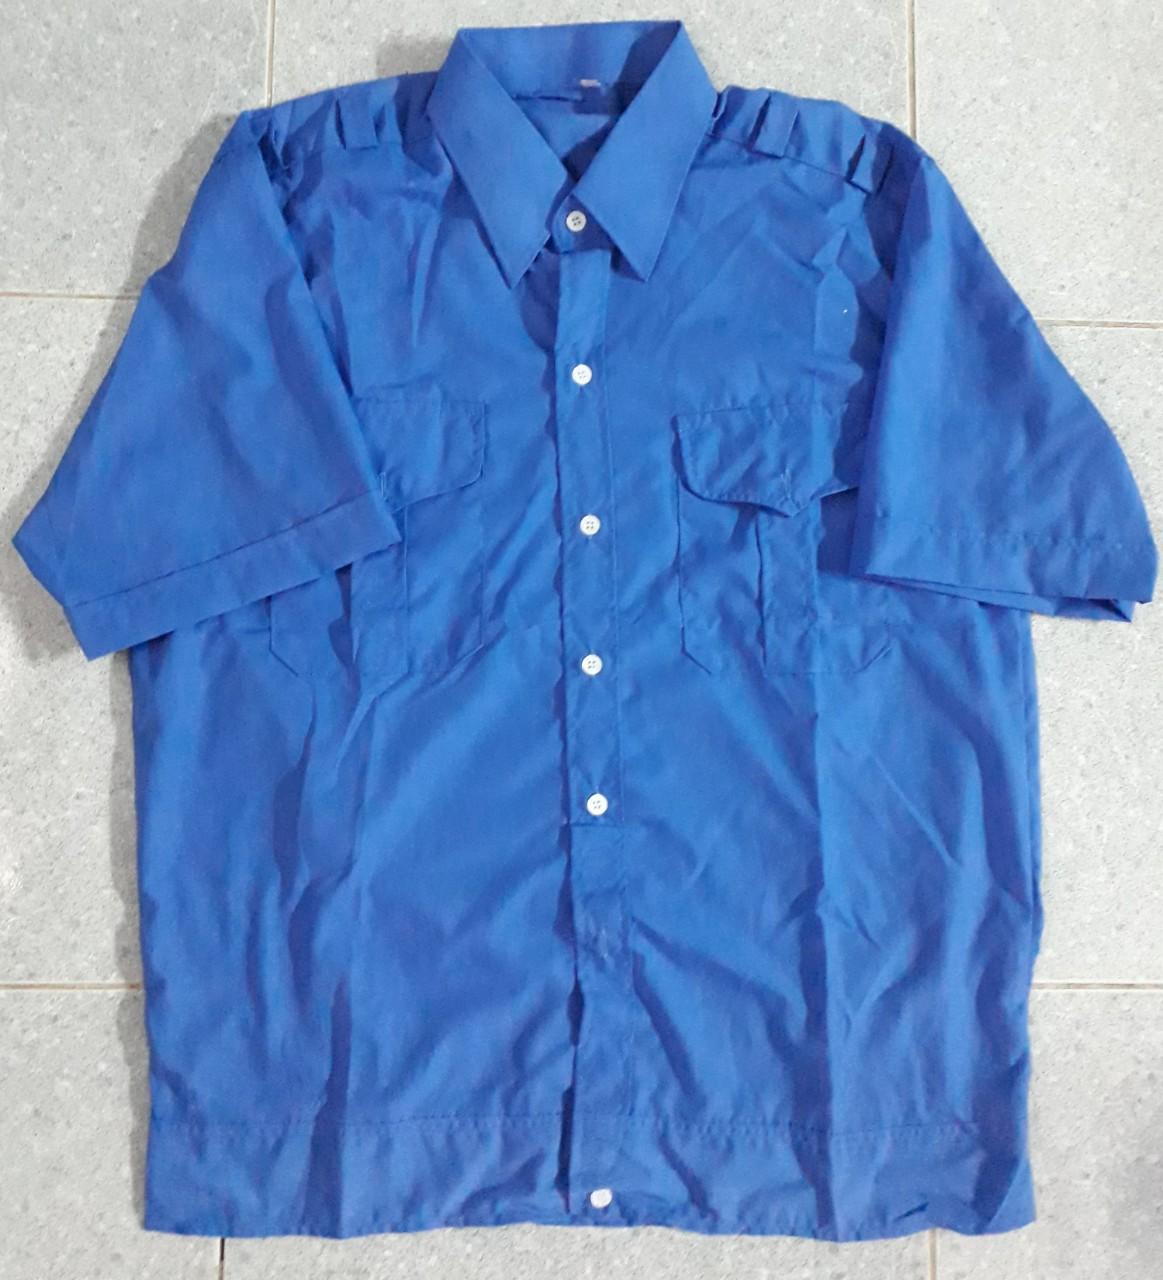 Áo bảo vệ may sẵn tay ngắn có bo màu xanh đậm